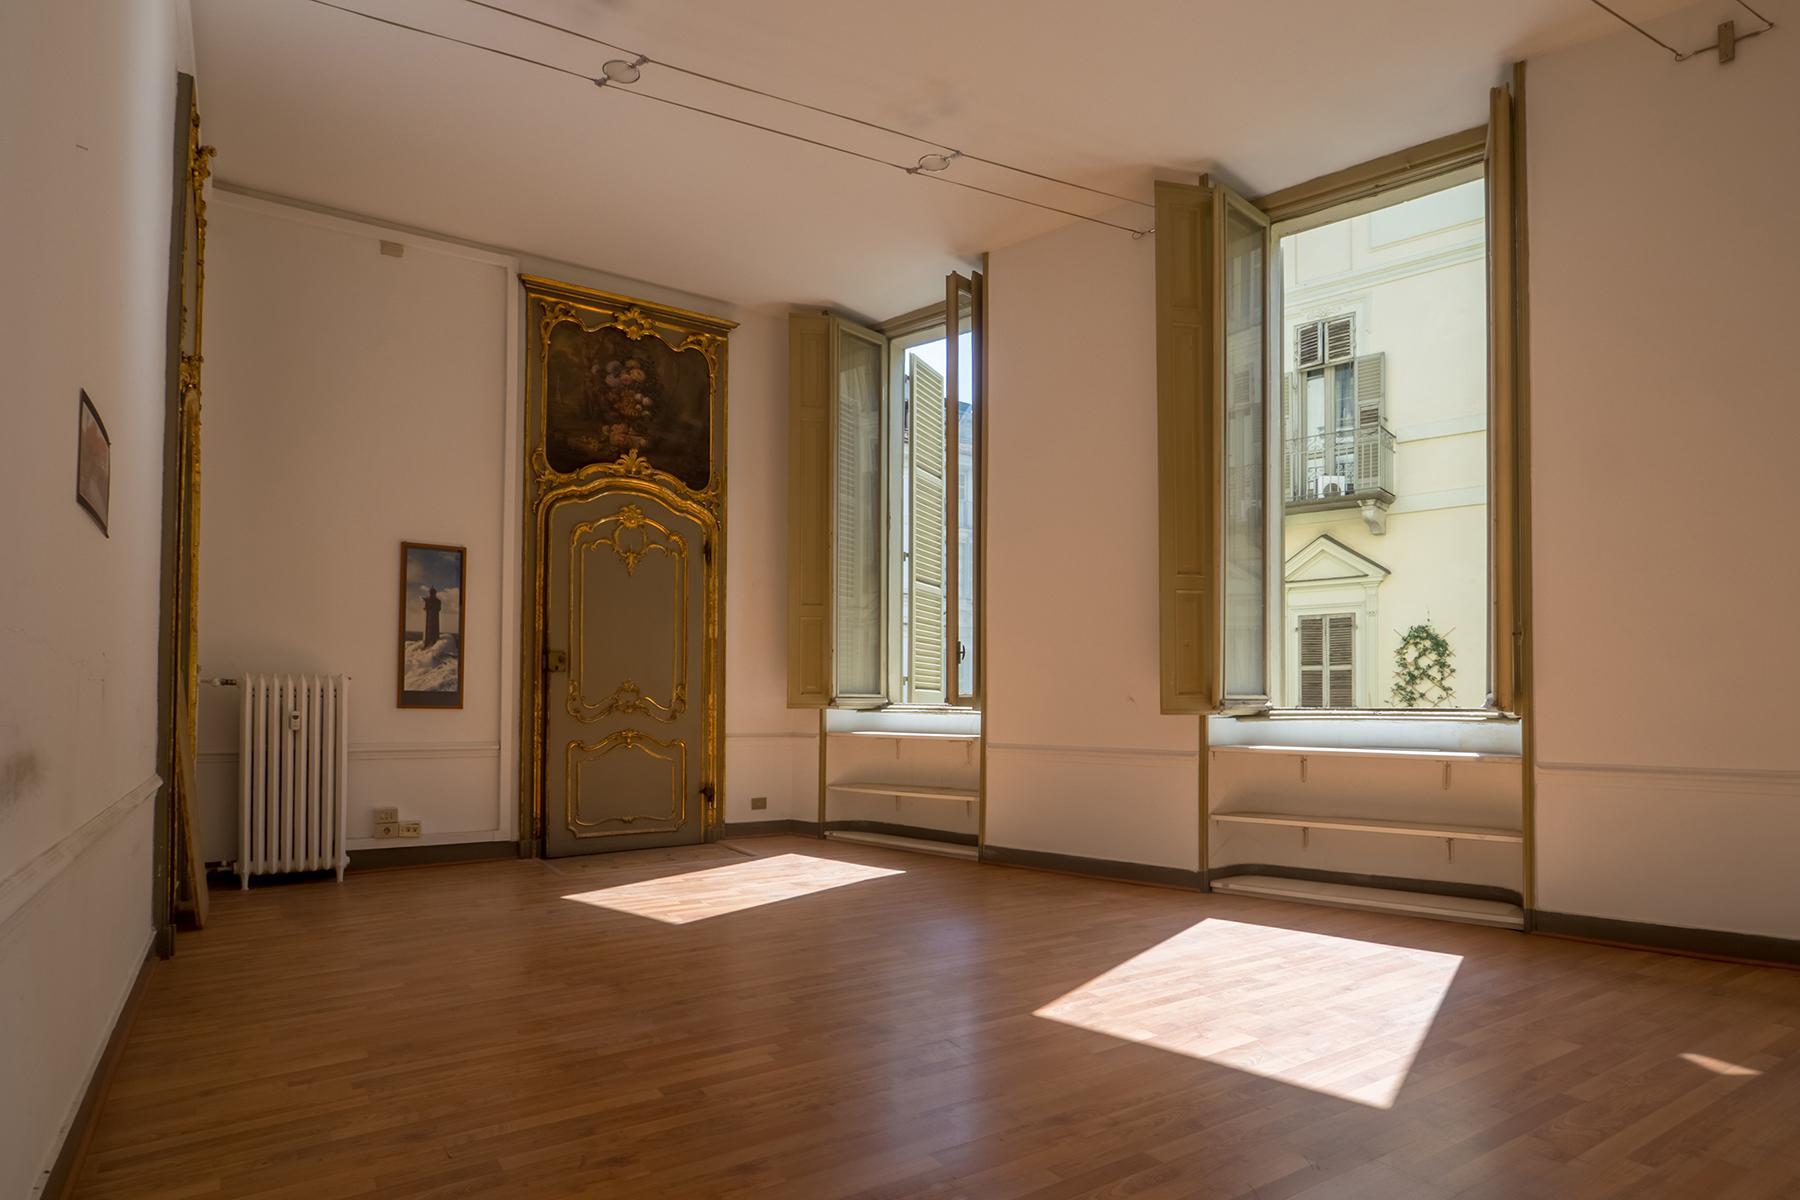 Монументальный офис в центре Турина - 4